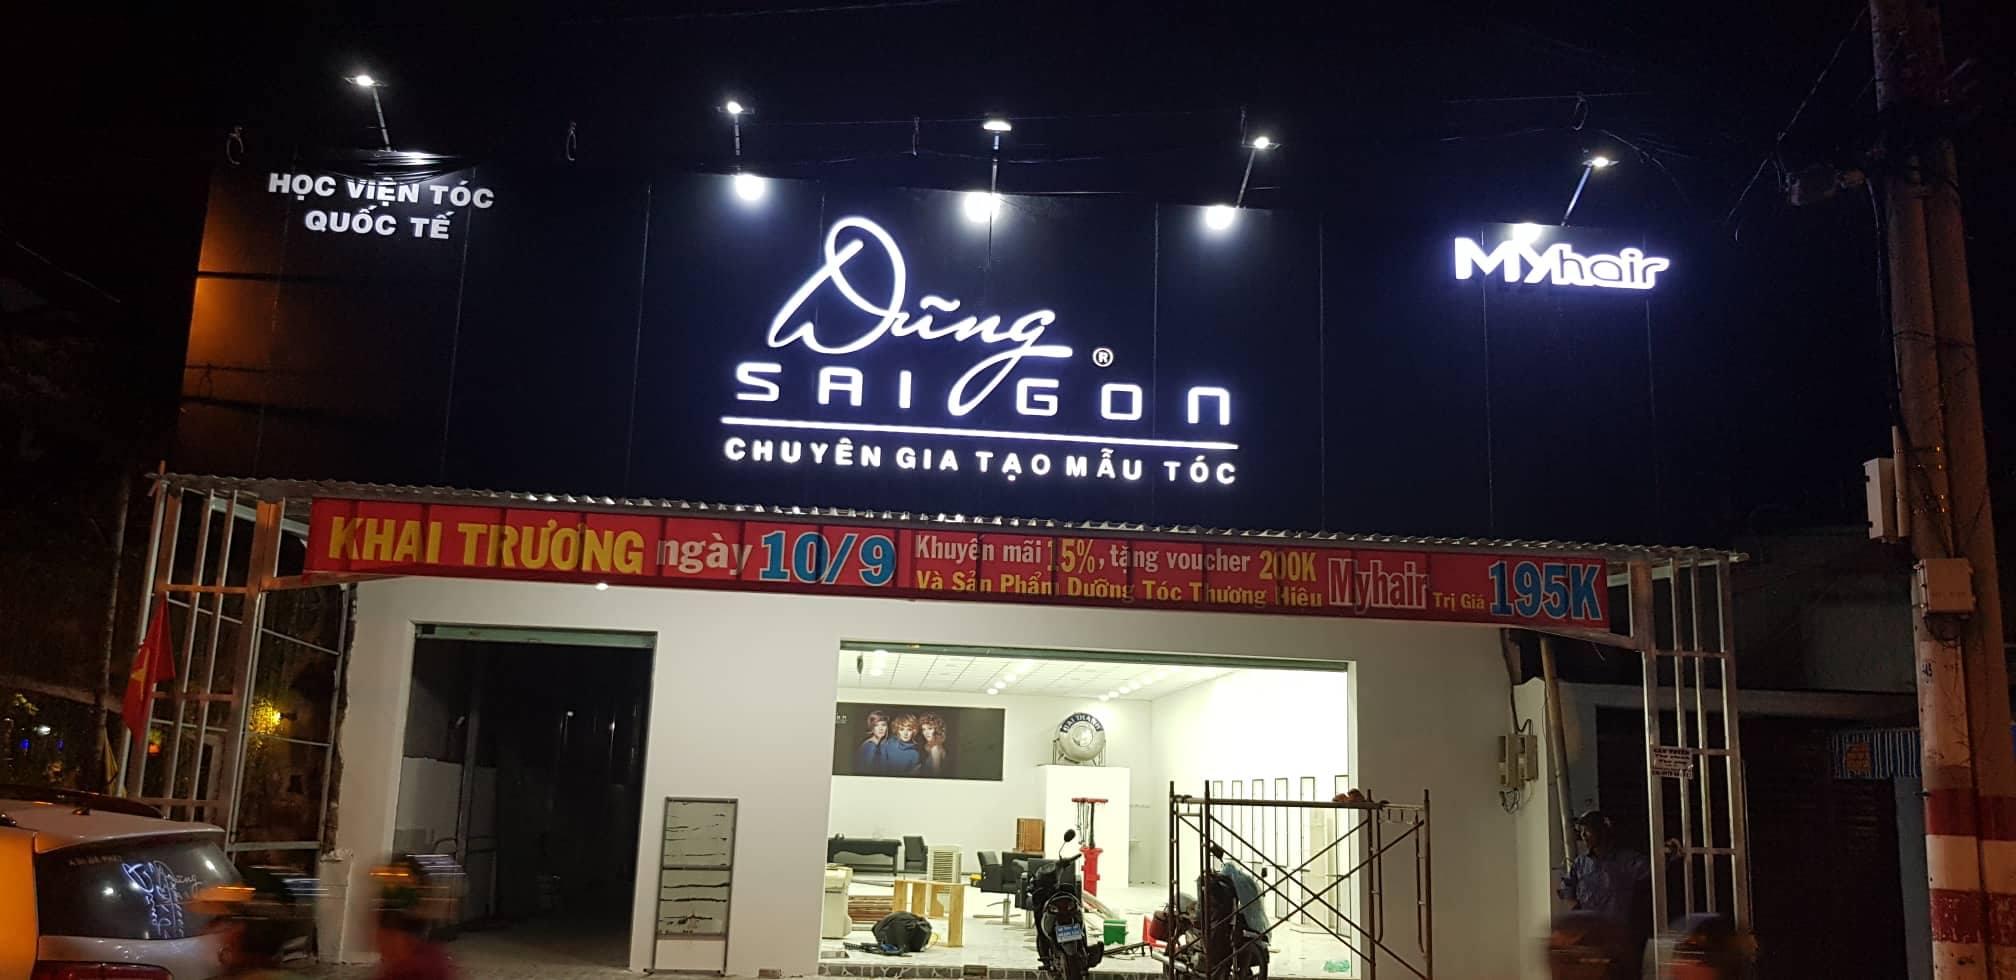 Salon Dũng Sài Gòn - Thủ Đức